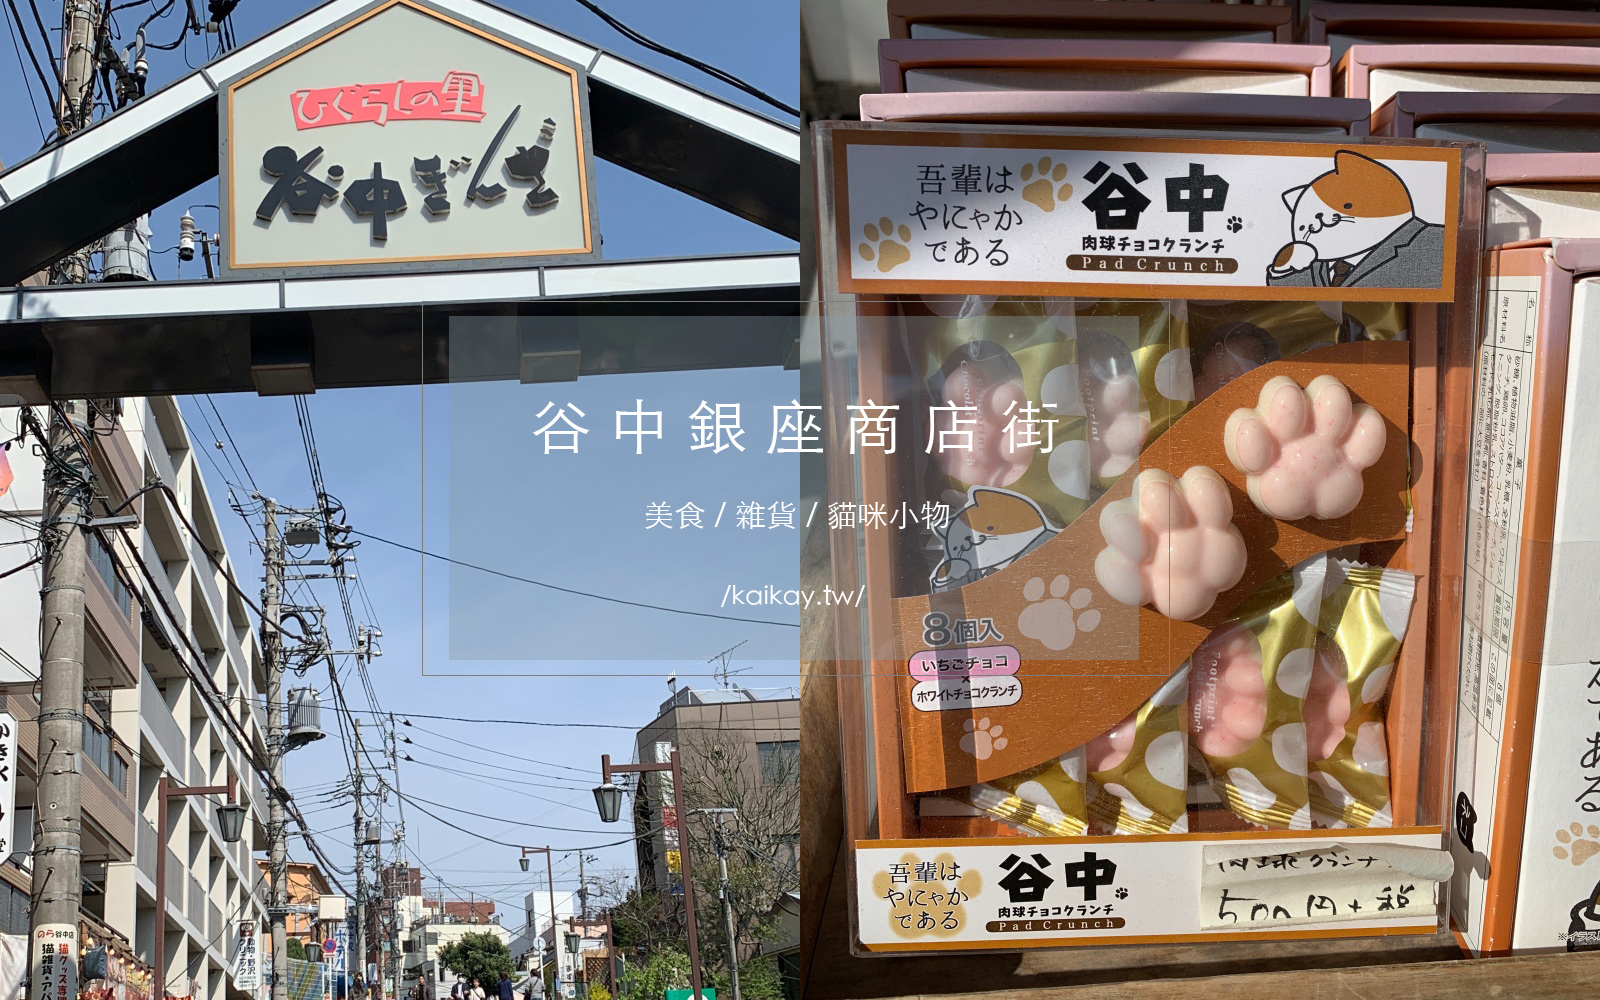 ☆【2019。東京】谷中銀座商店街。跟銀座沒關係的一條好逛美食街 @凱的日本食尚日記